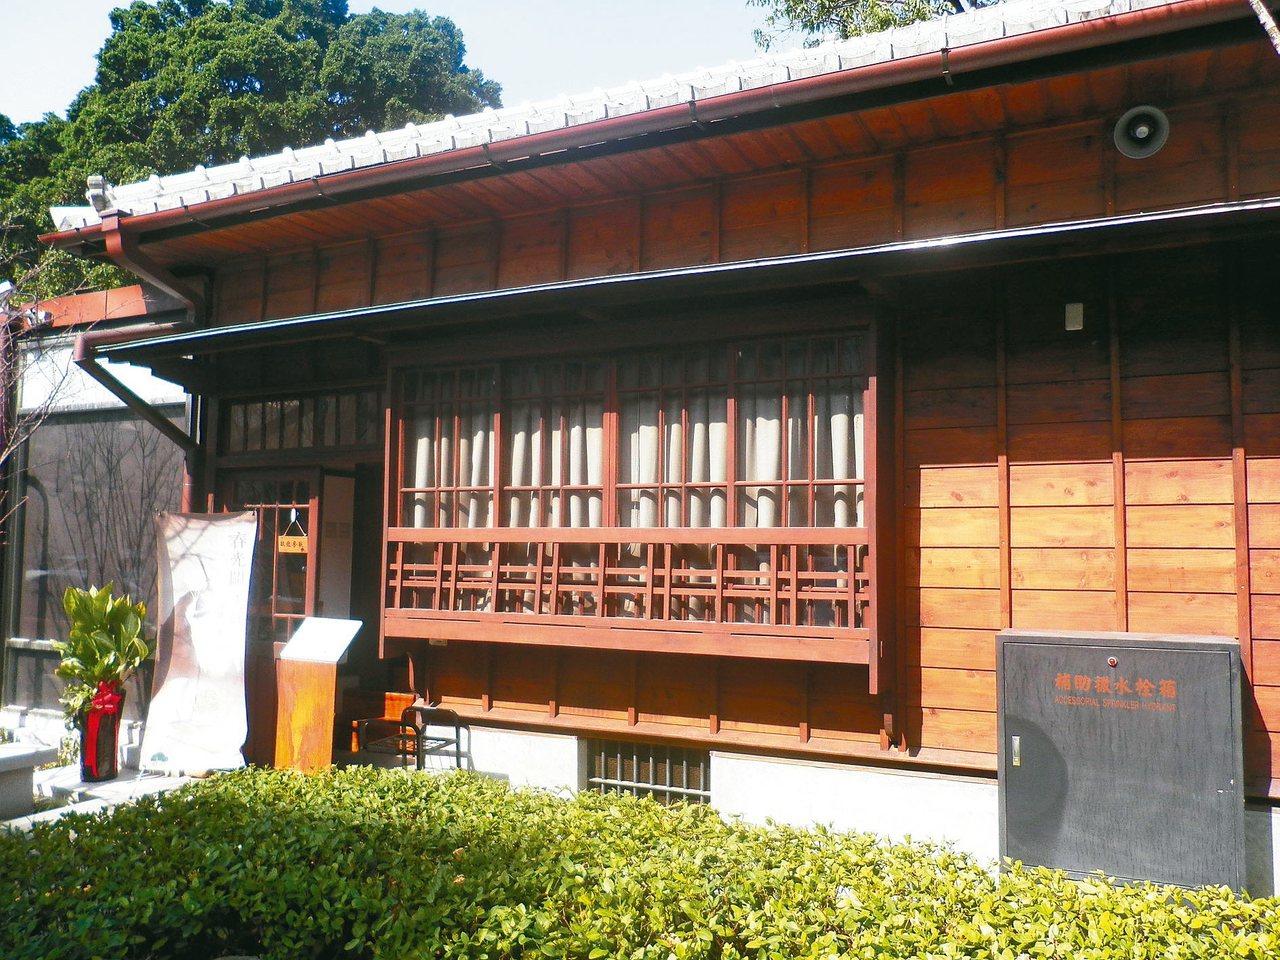 台中文學館原本是日據時期的警察宿舍。 楊明.圖片提供